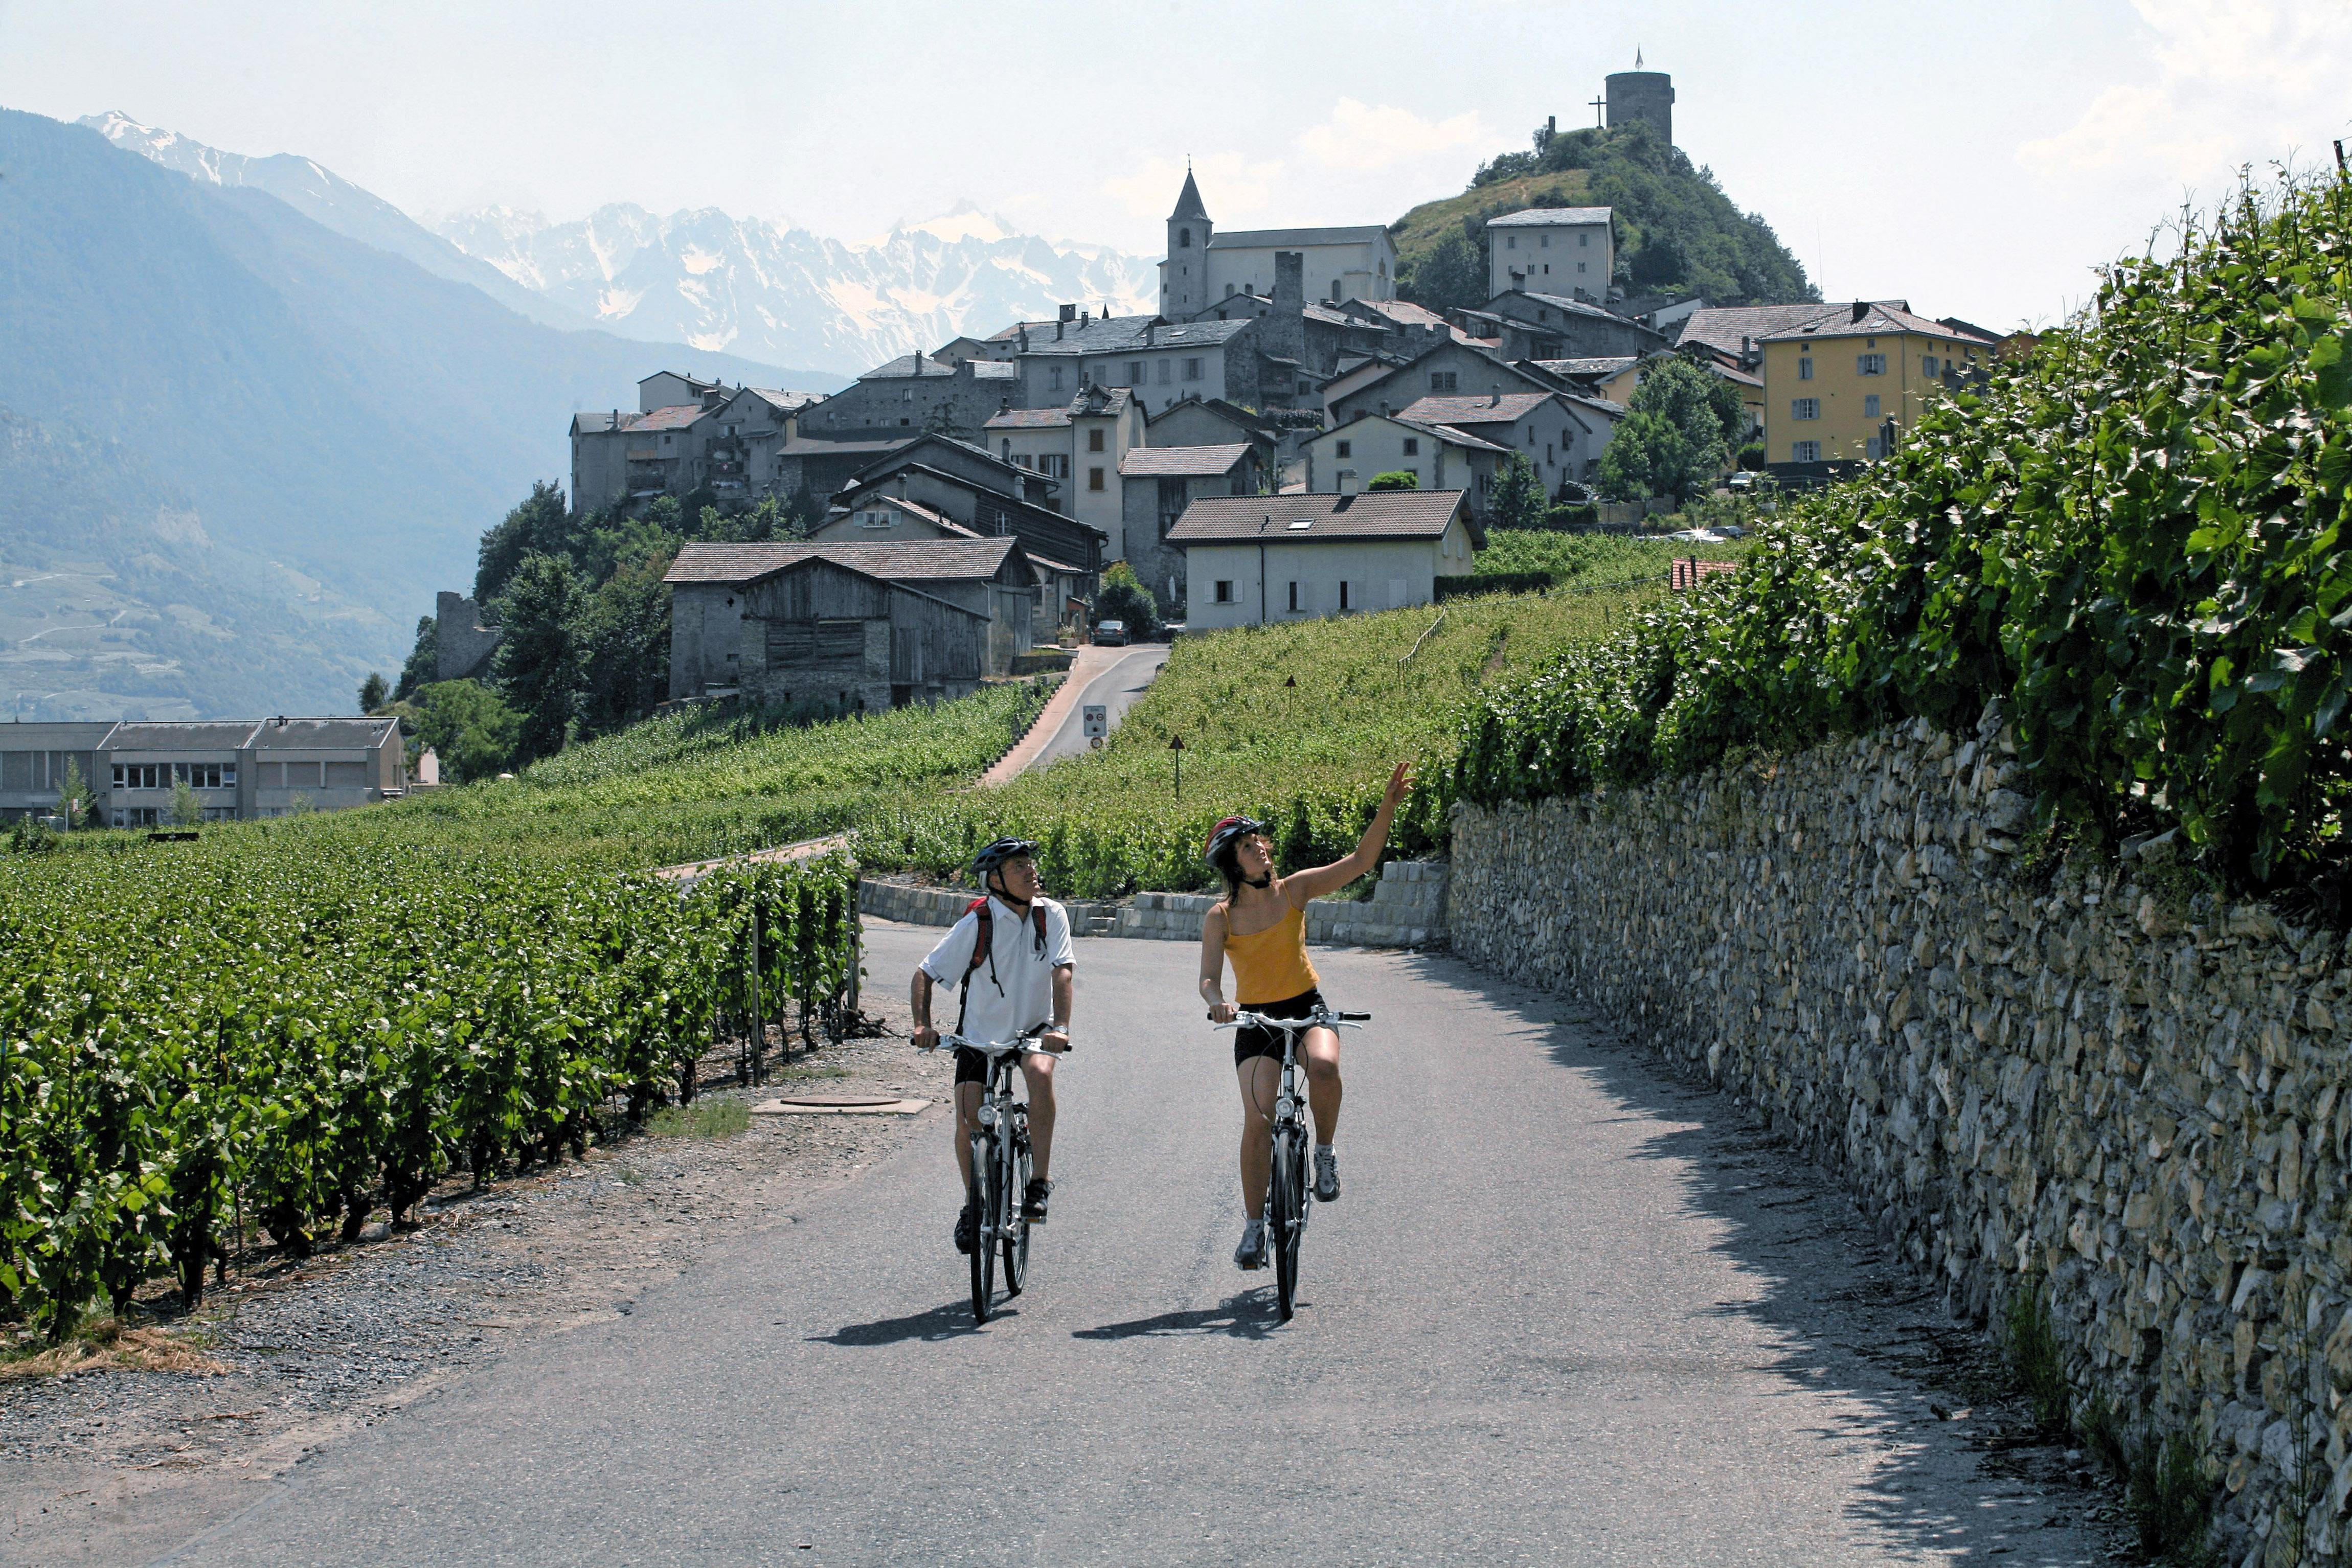 Les plus beaux villages de Suisse romande - Saillon (Valais)